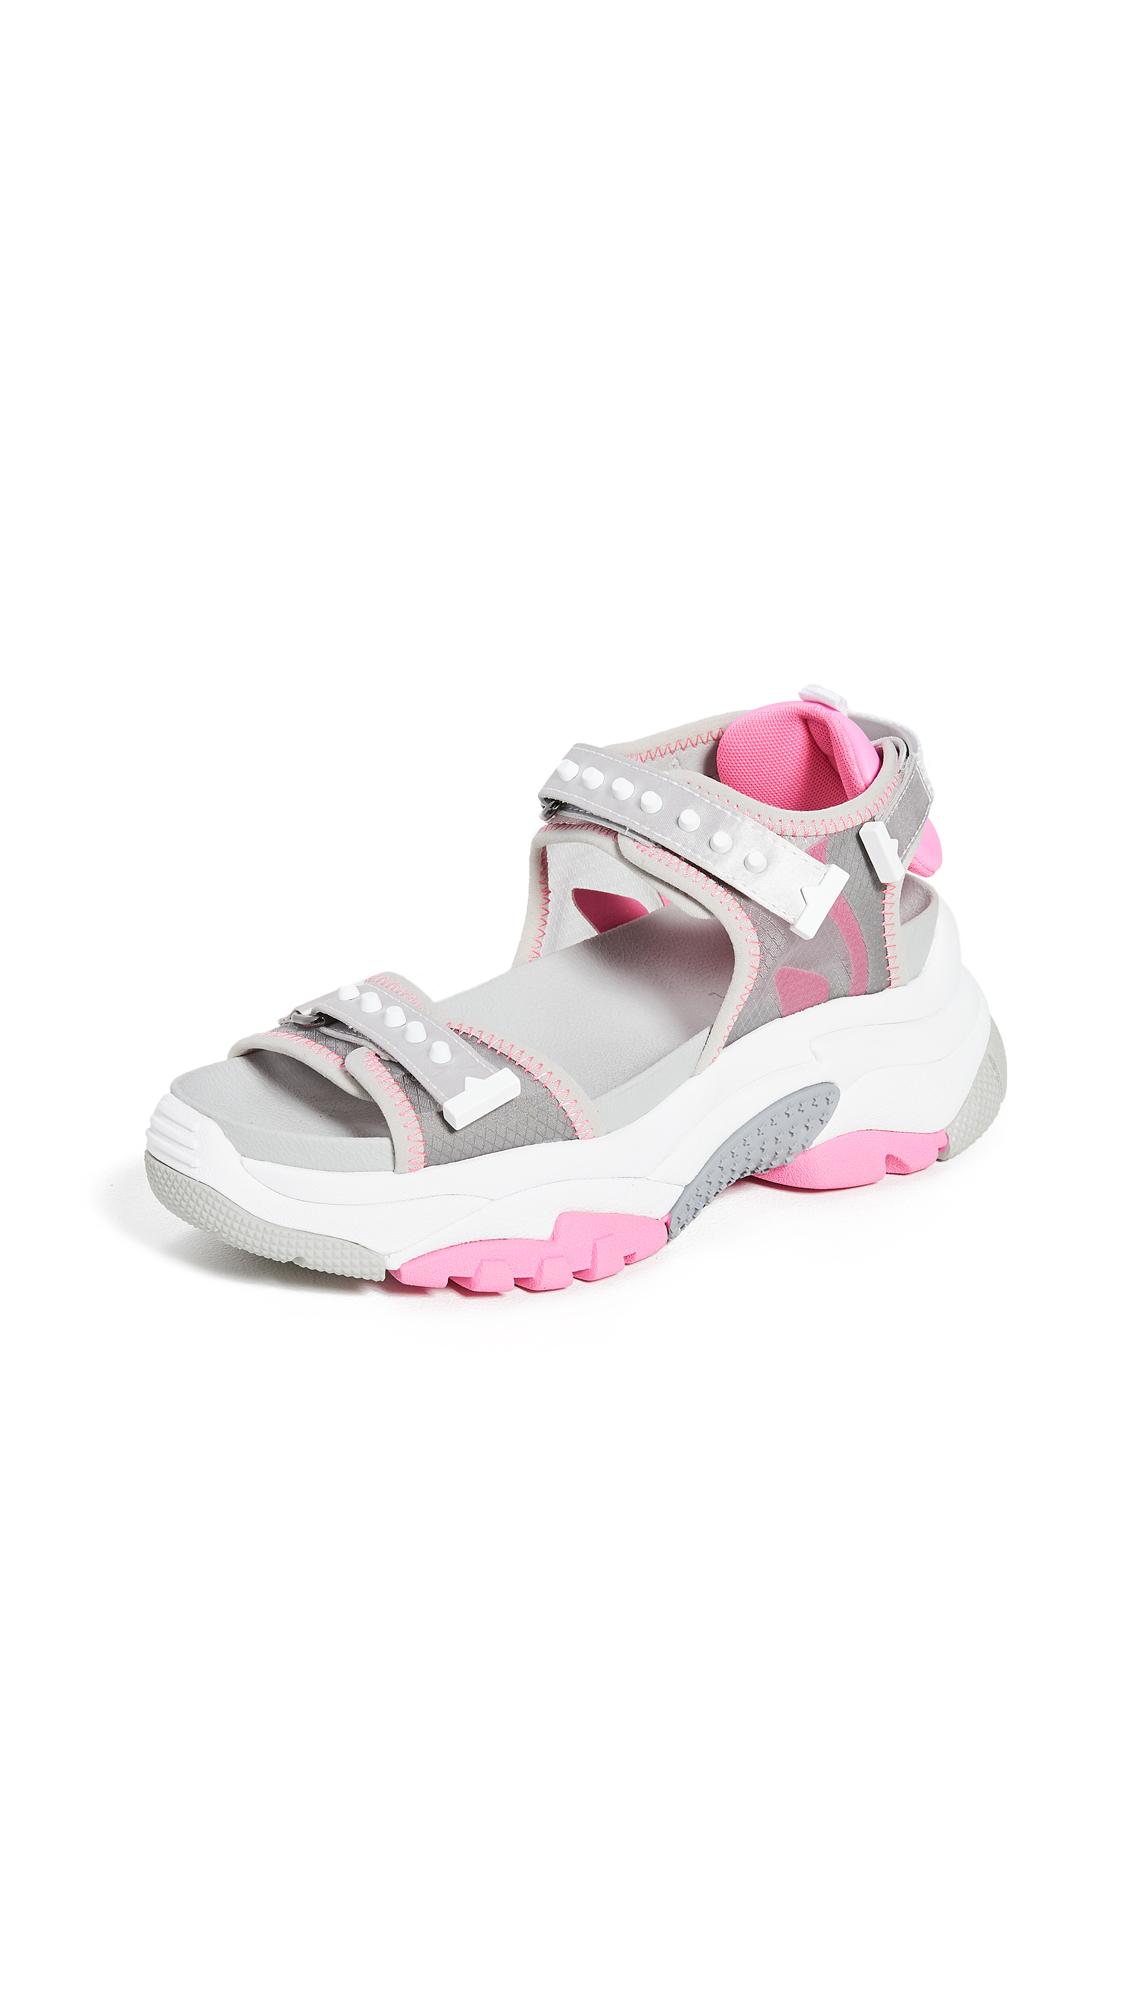 Buy Ash Ace Sandals online, shop Ash